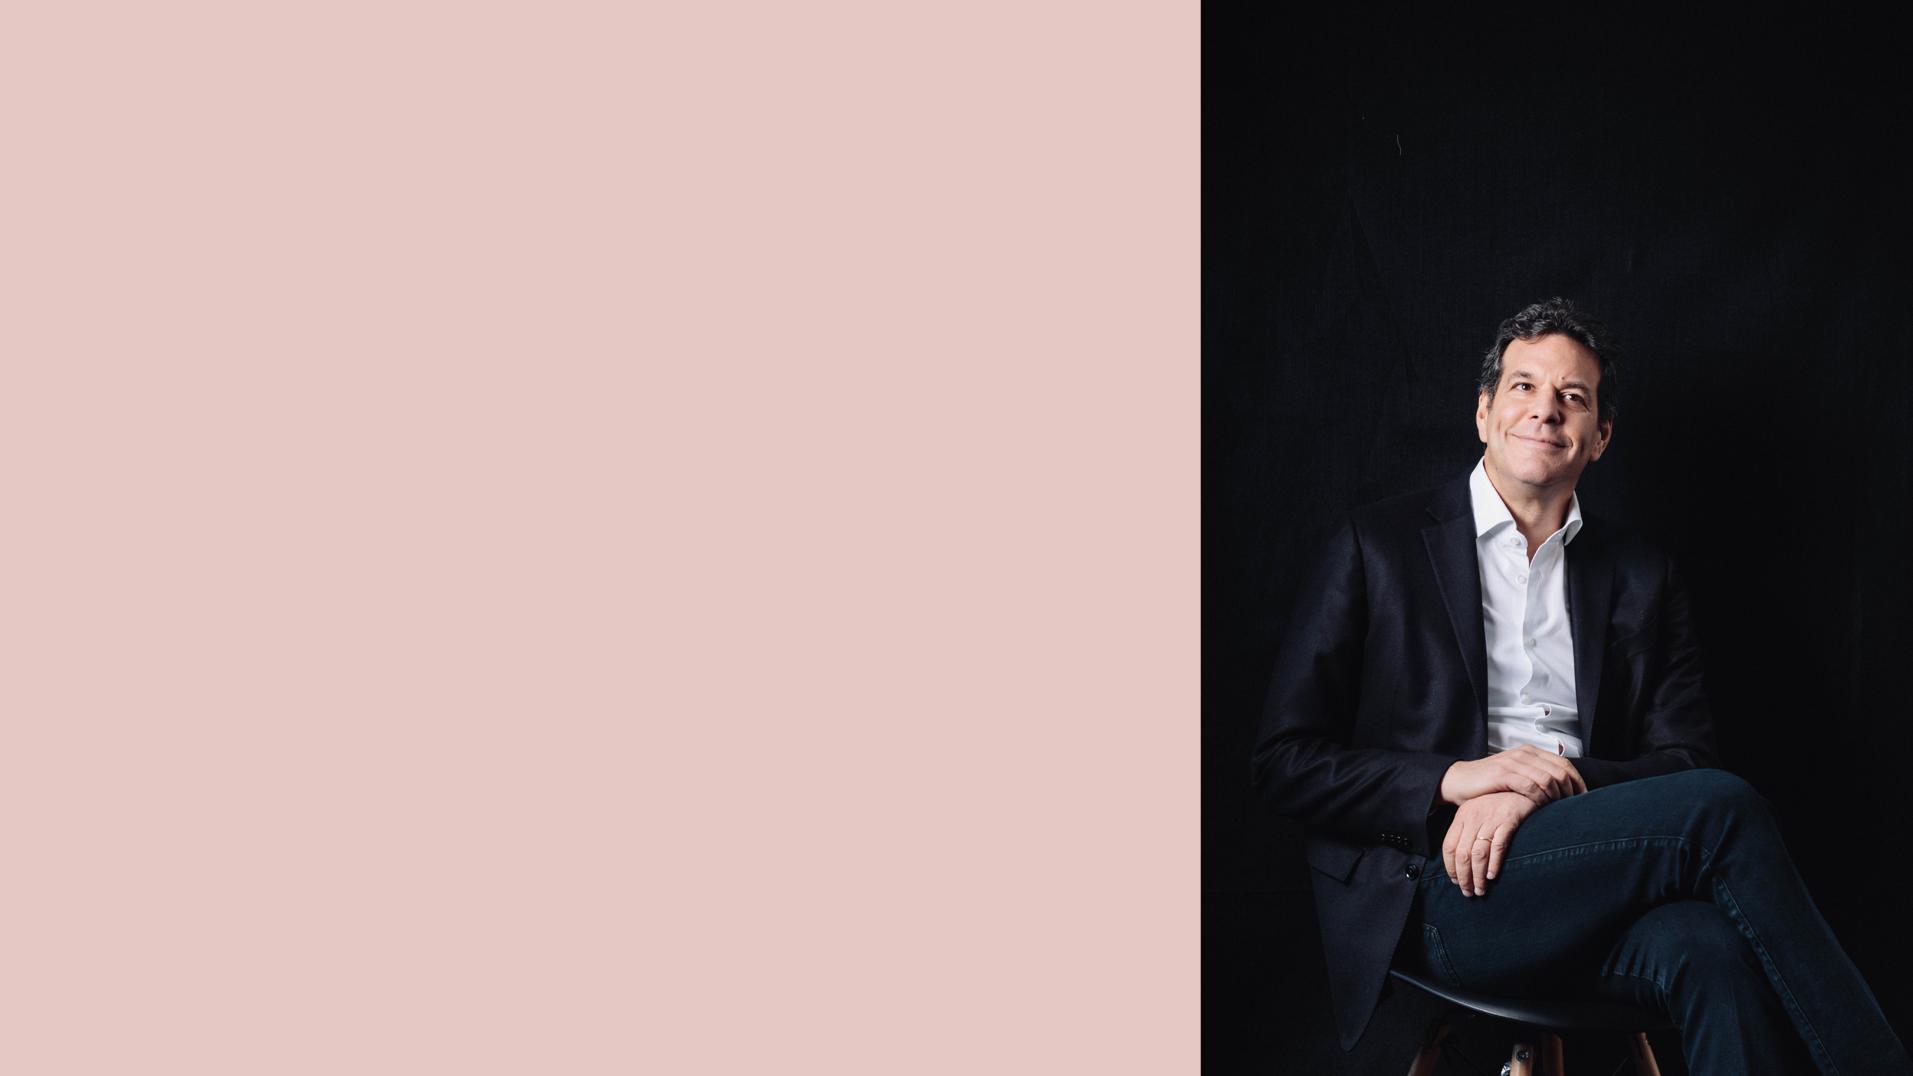 Brent Hoberman